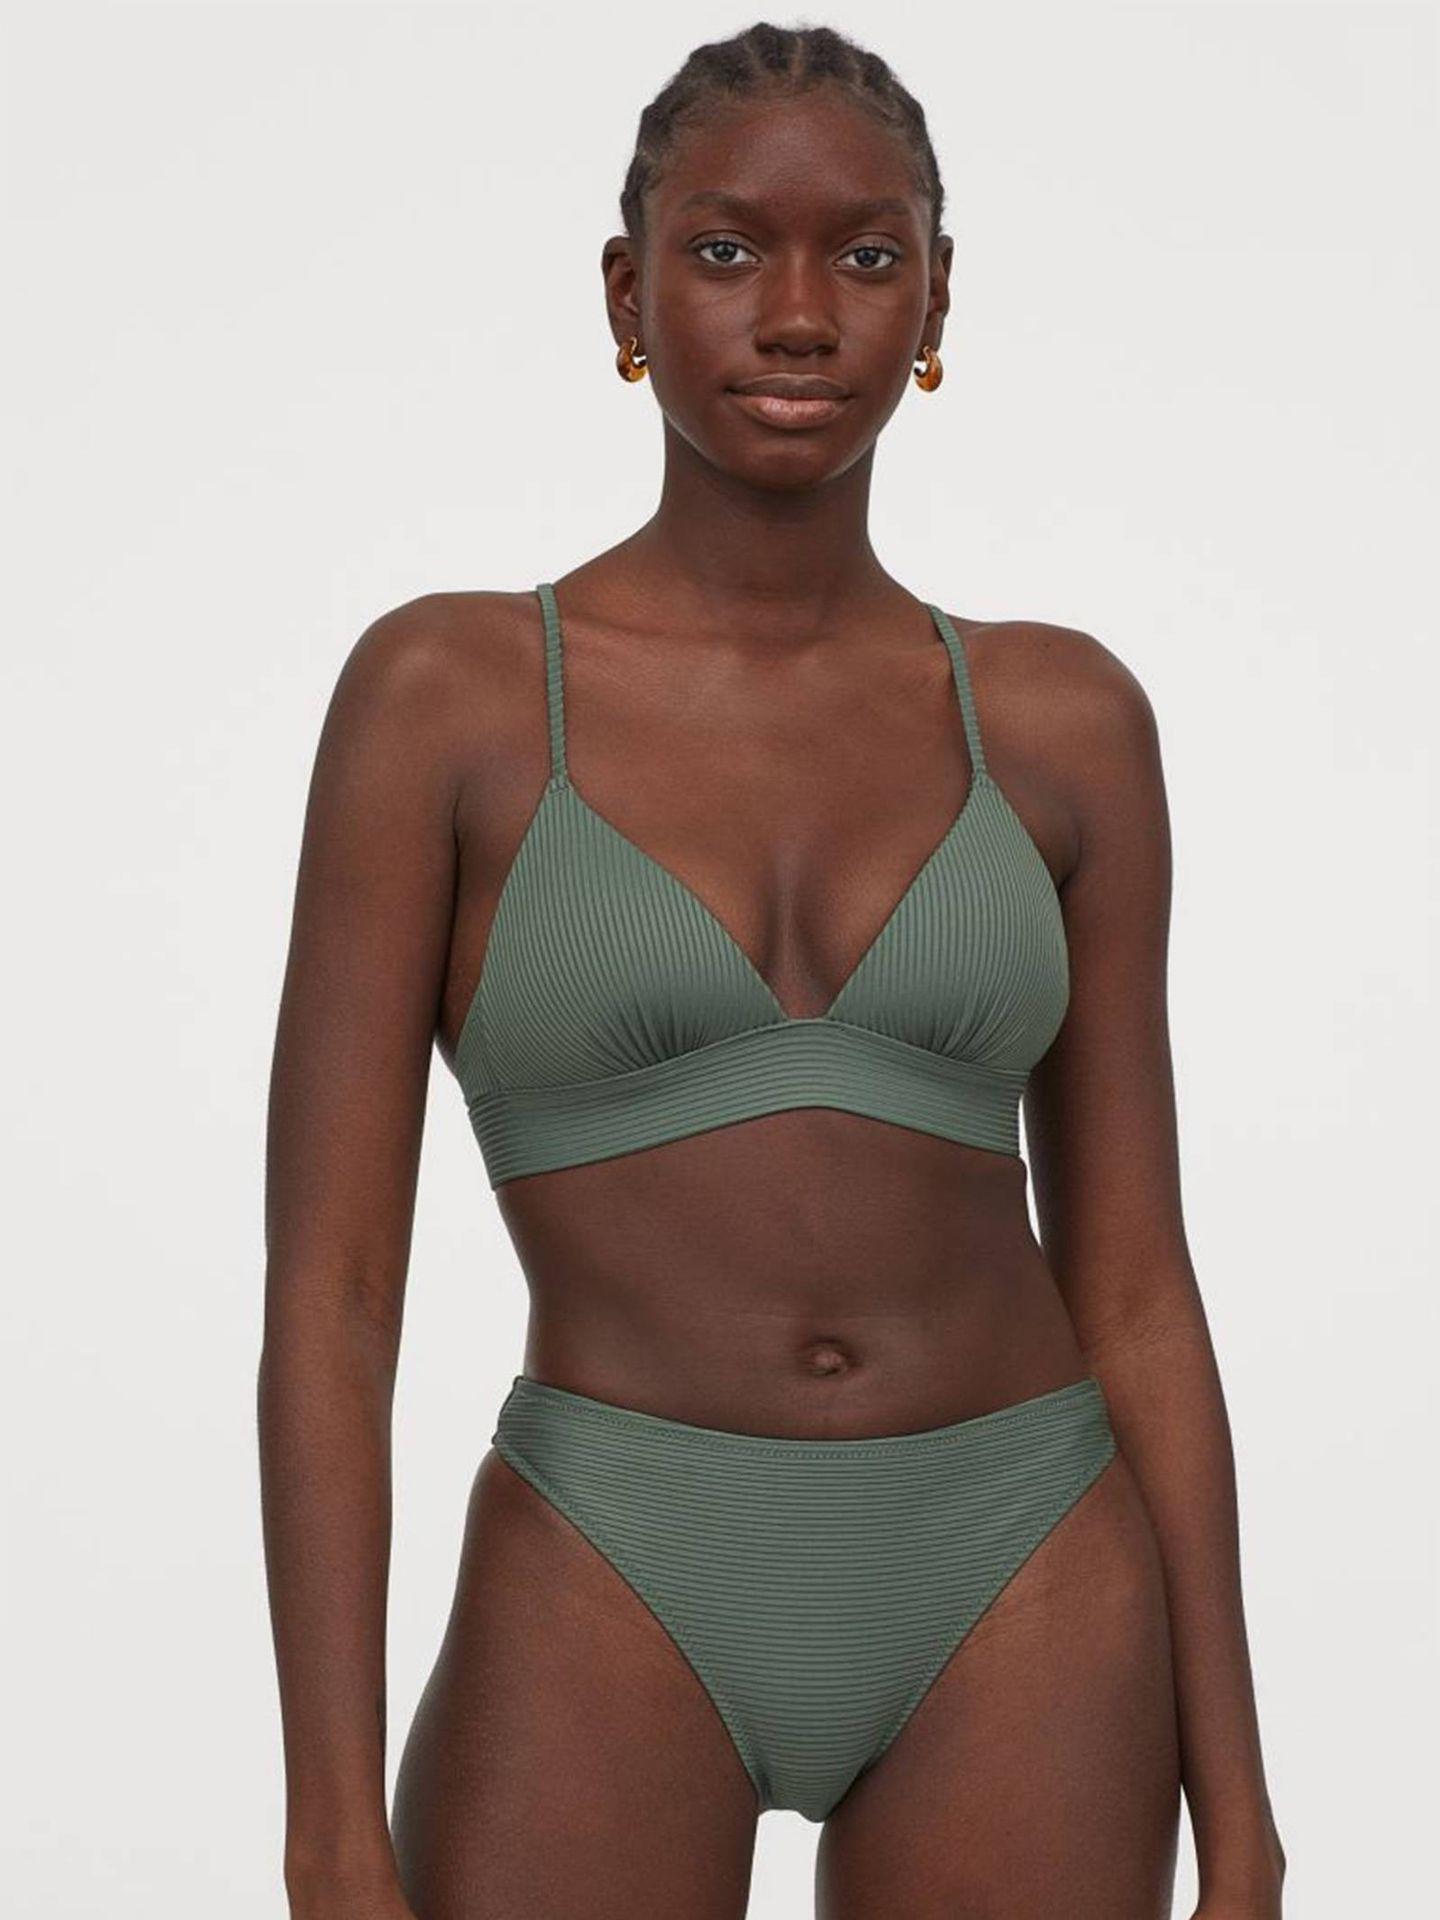 Bikini de HyM. (Cortesía)